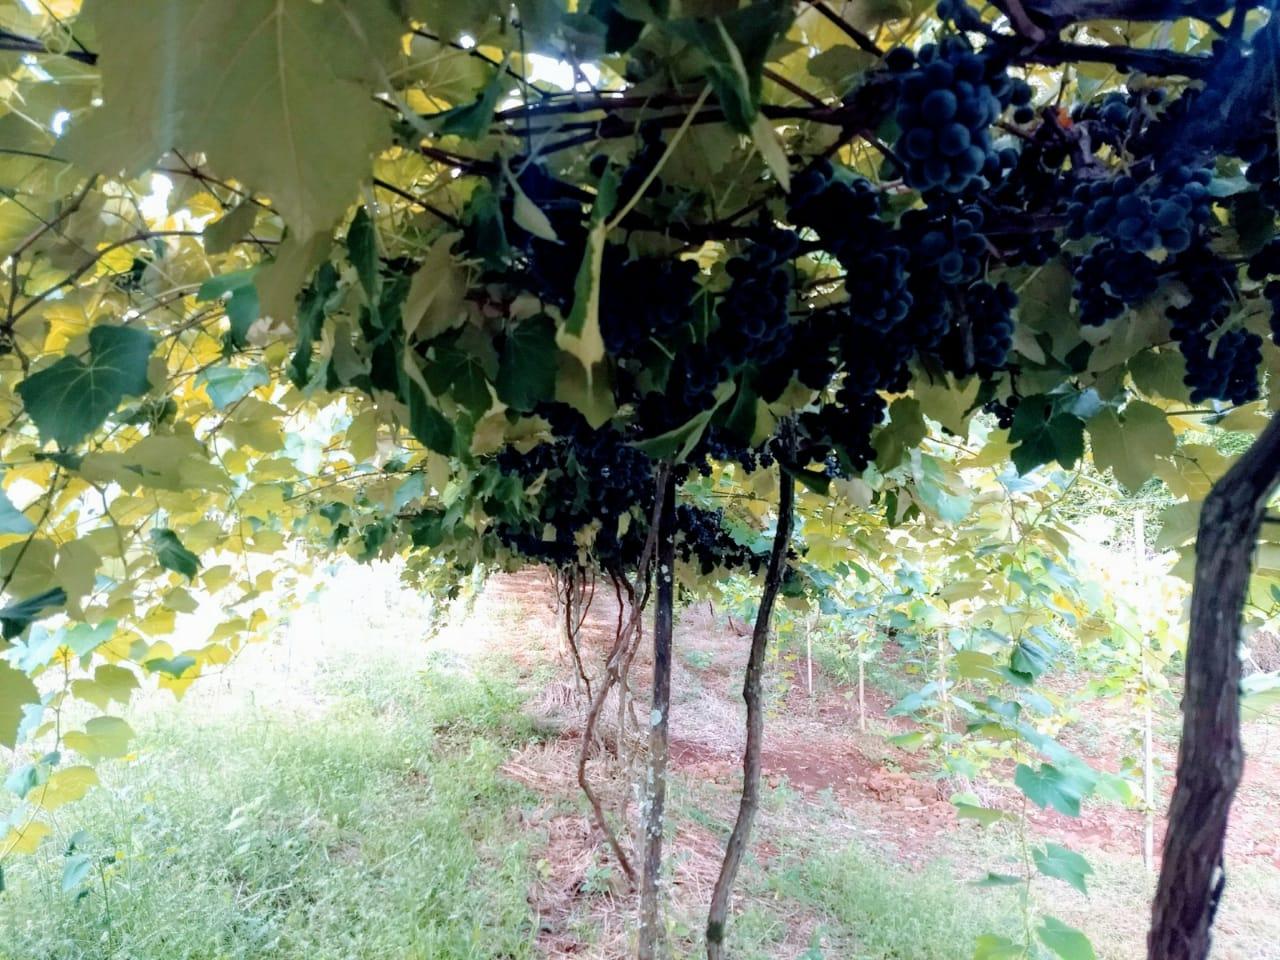 Colheita da uva na Propriedade de Marcos Tolotti em Barra Funda(RS). Envio de Lucas Tolotti